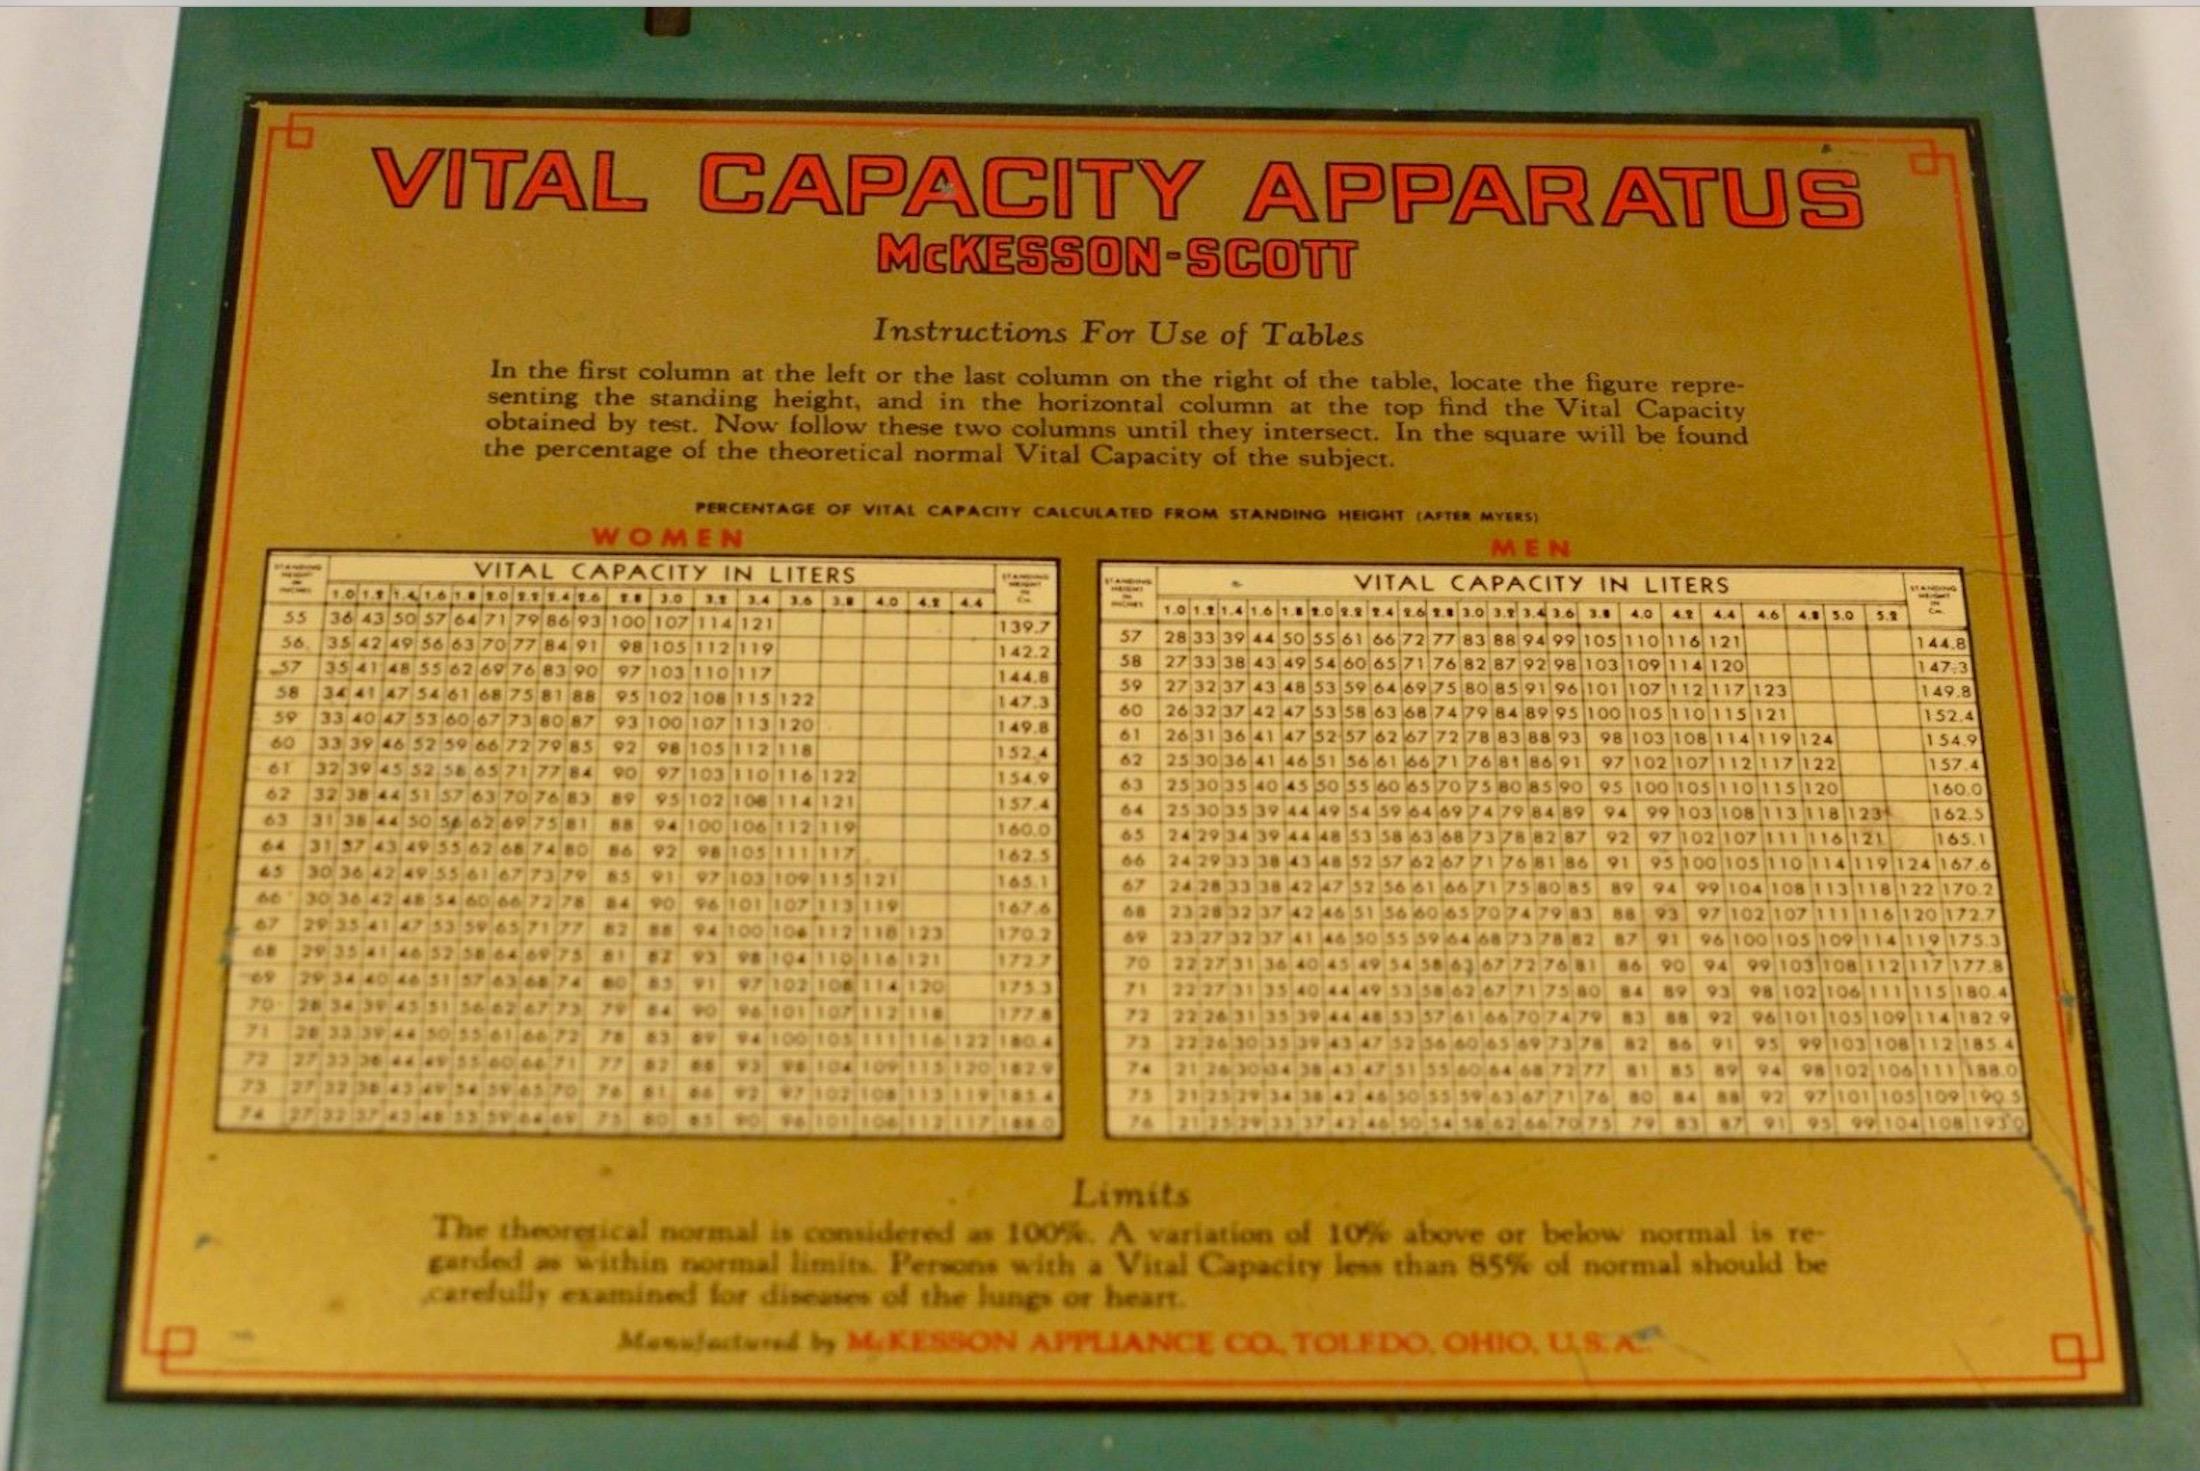 Vital Capacity Apparatus